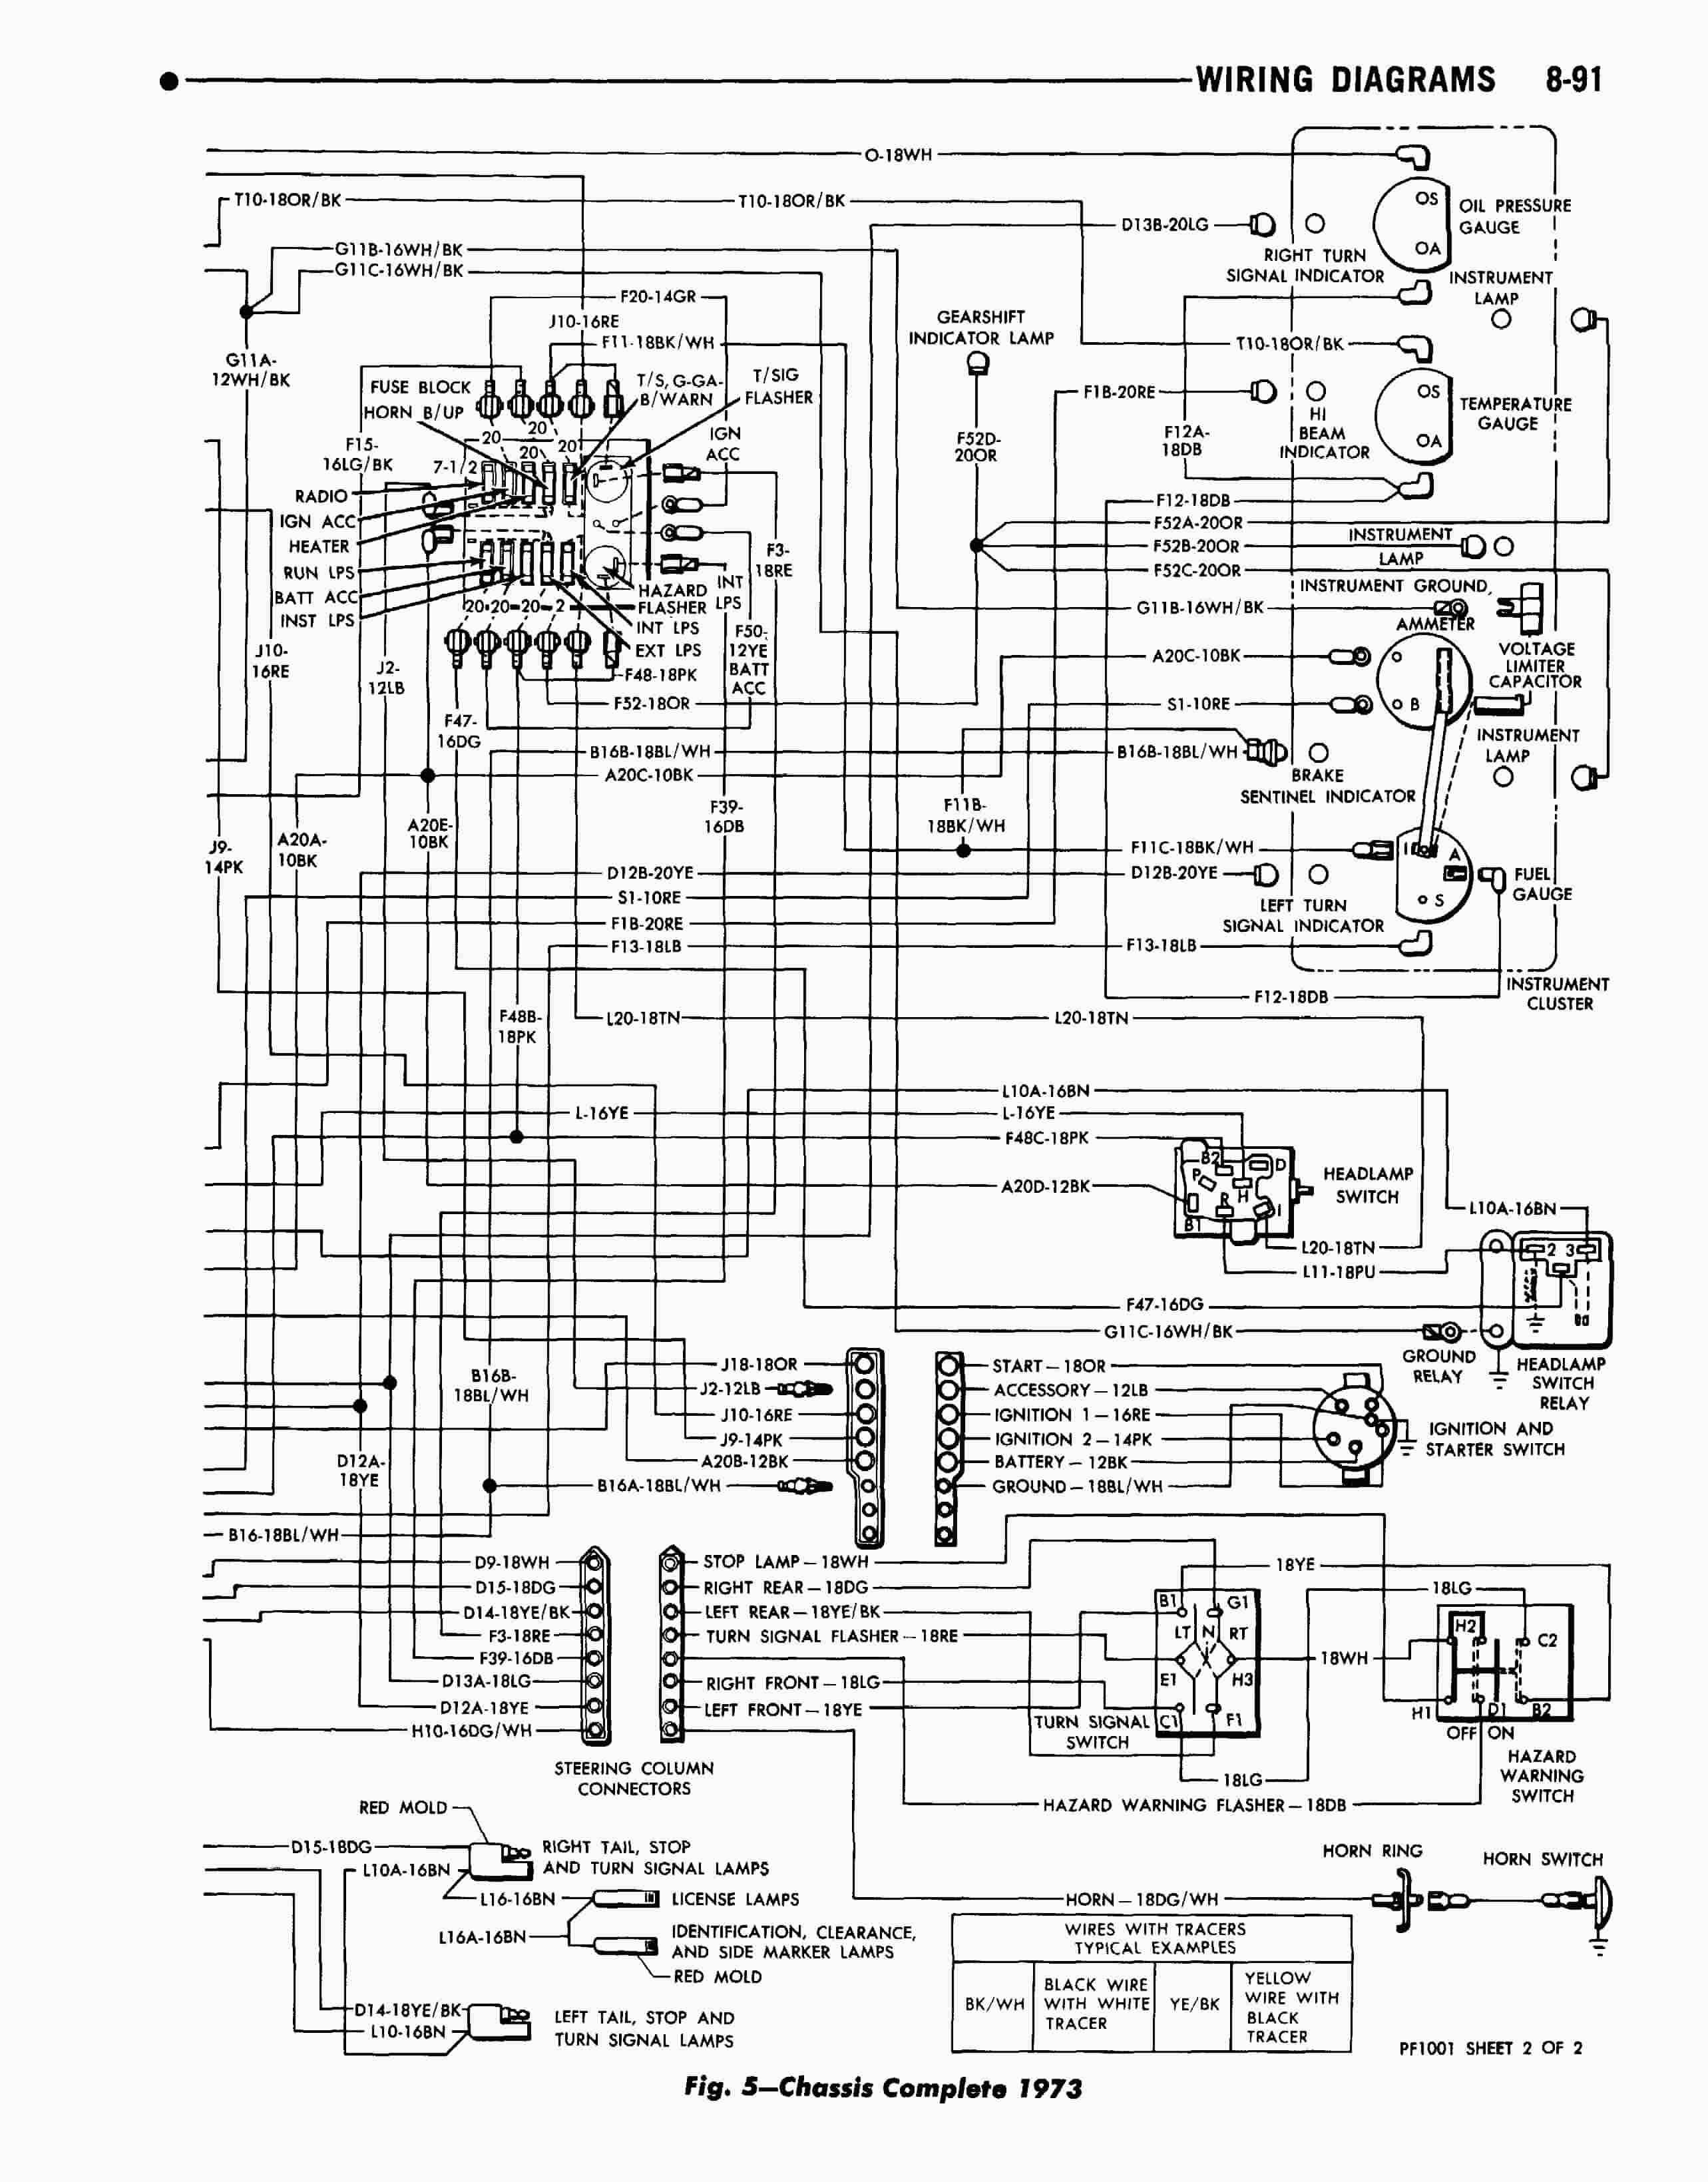 ford f53 fuse box 2012 ford f53 fuse diagram toyota www espressotage de 1999 ford f53 fuse box diagram 2012 ford f53 fuse diagram toyota www